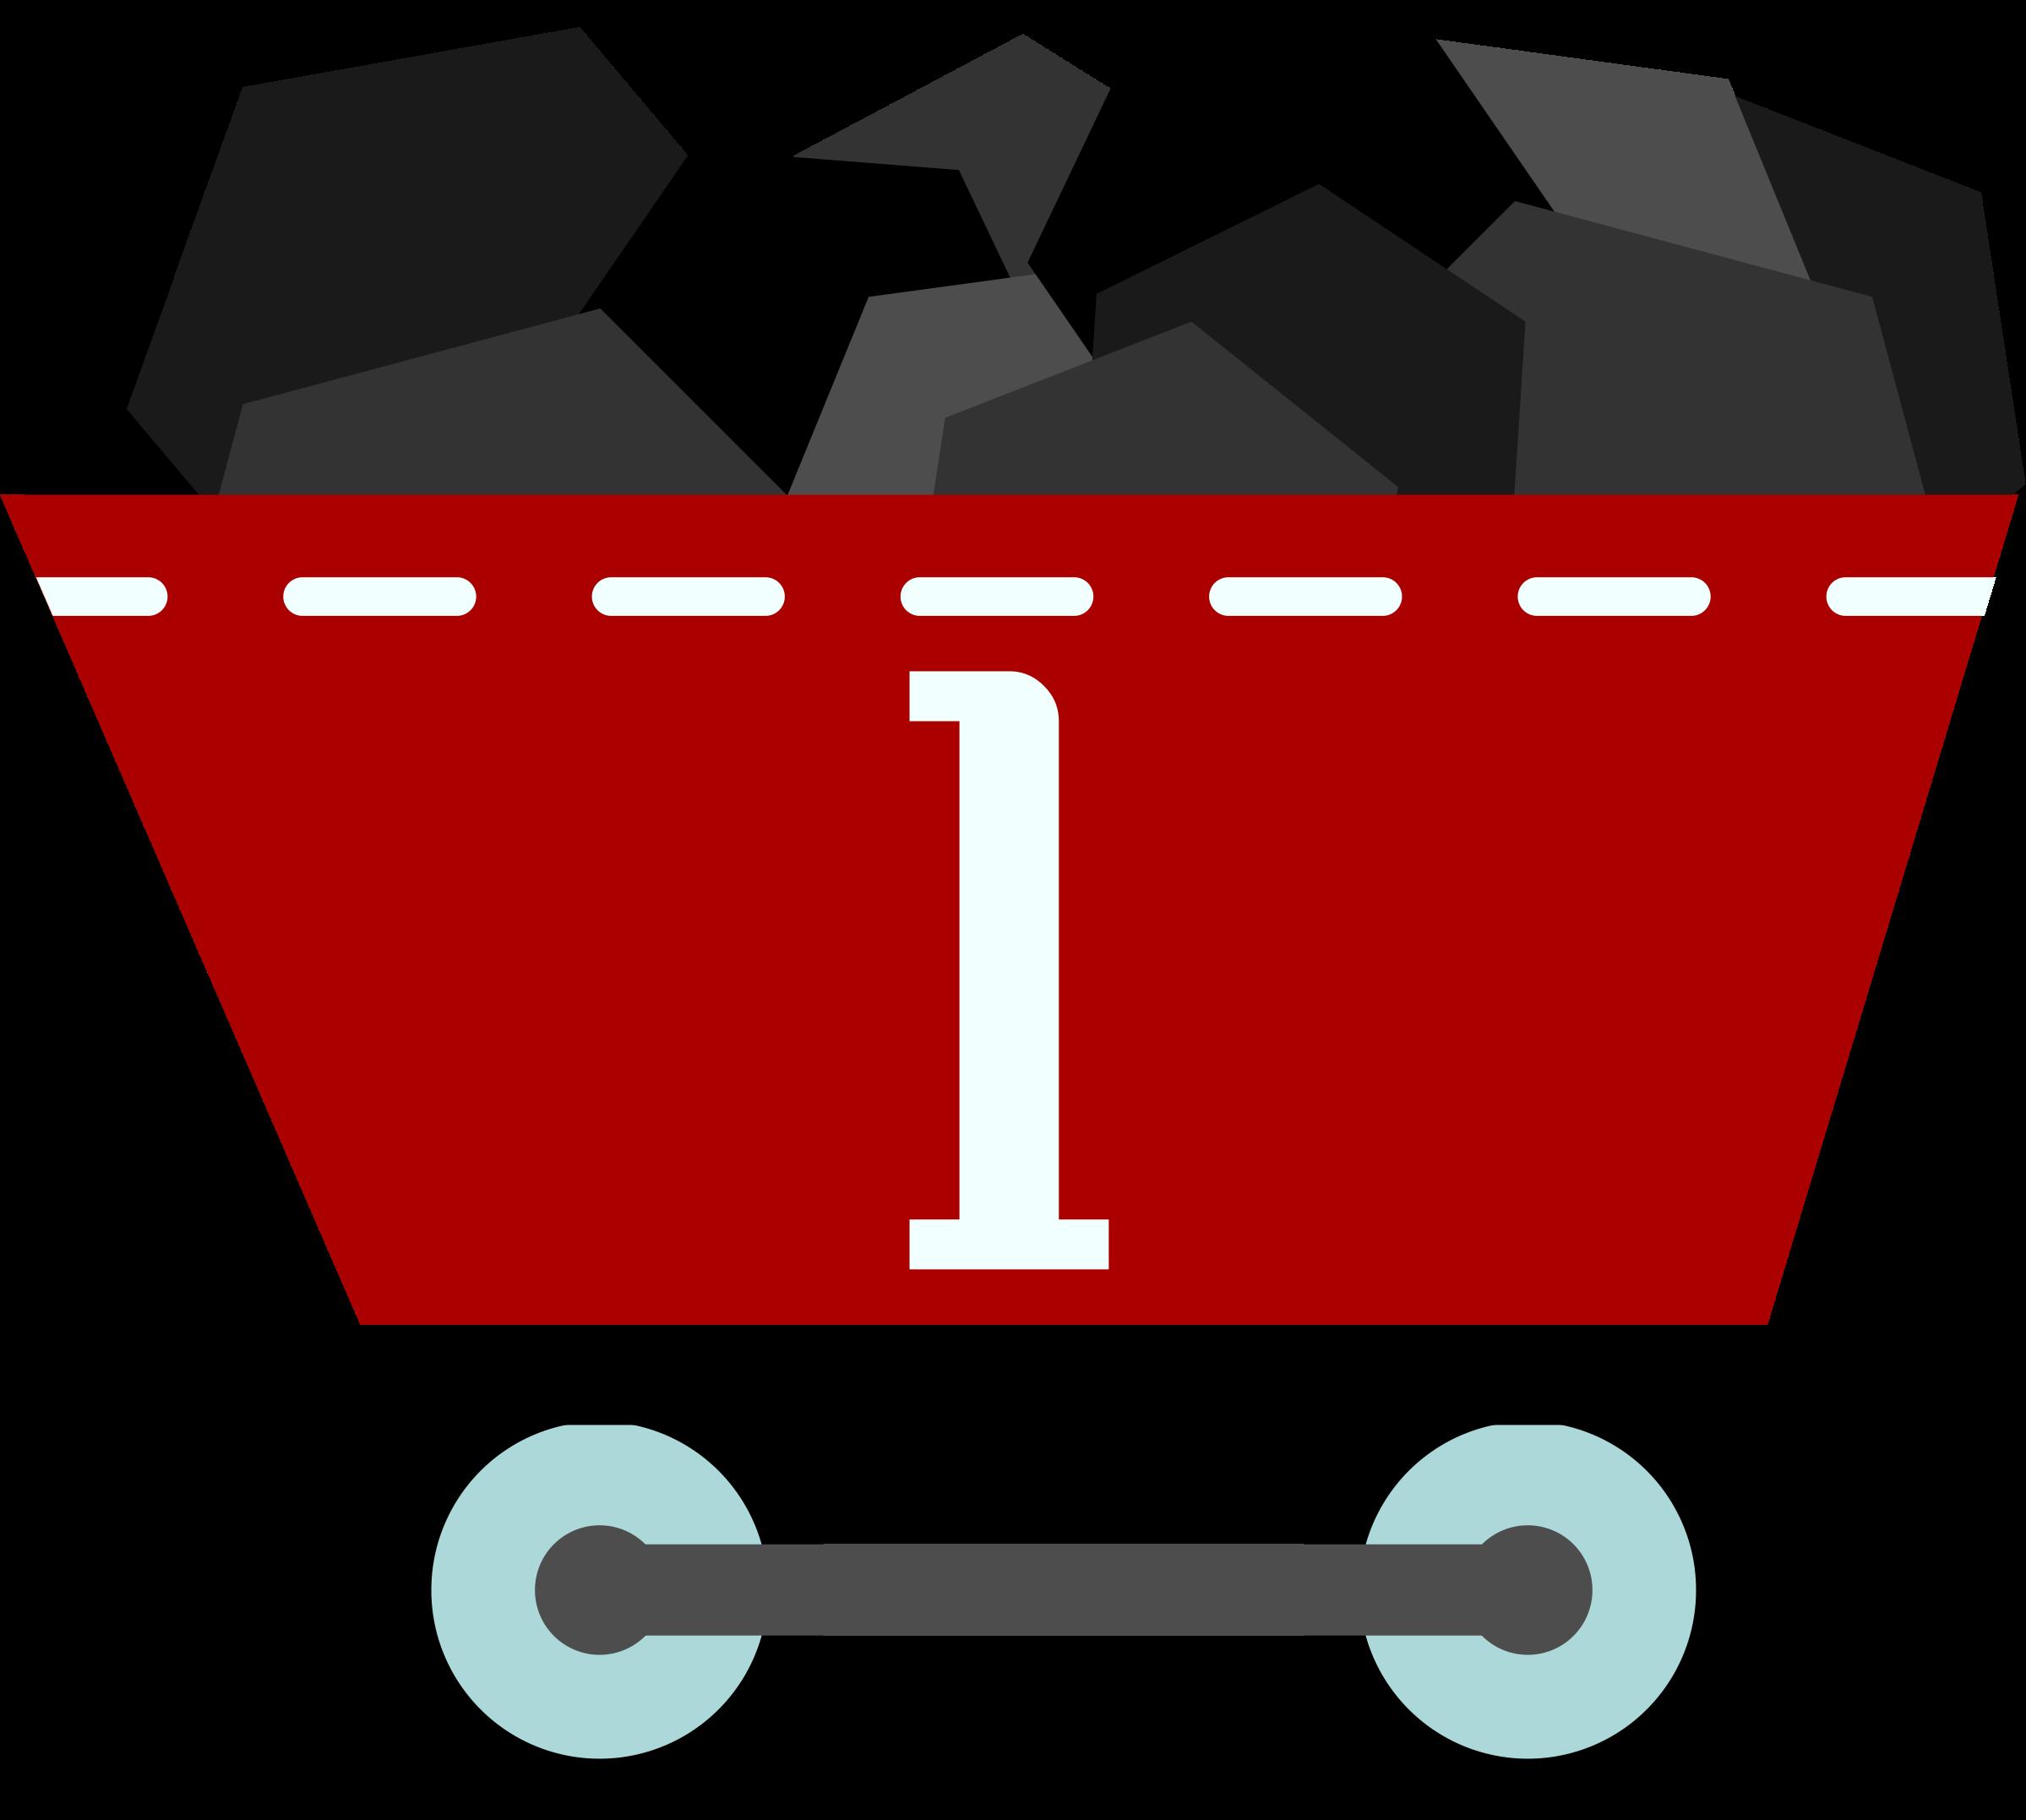 clip art library download Caboose clipart train cart. Coal clip art panda.